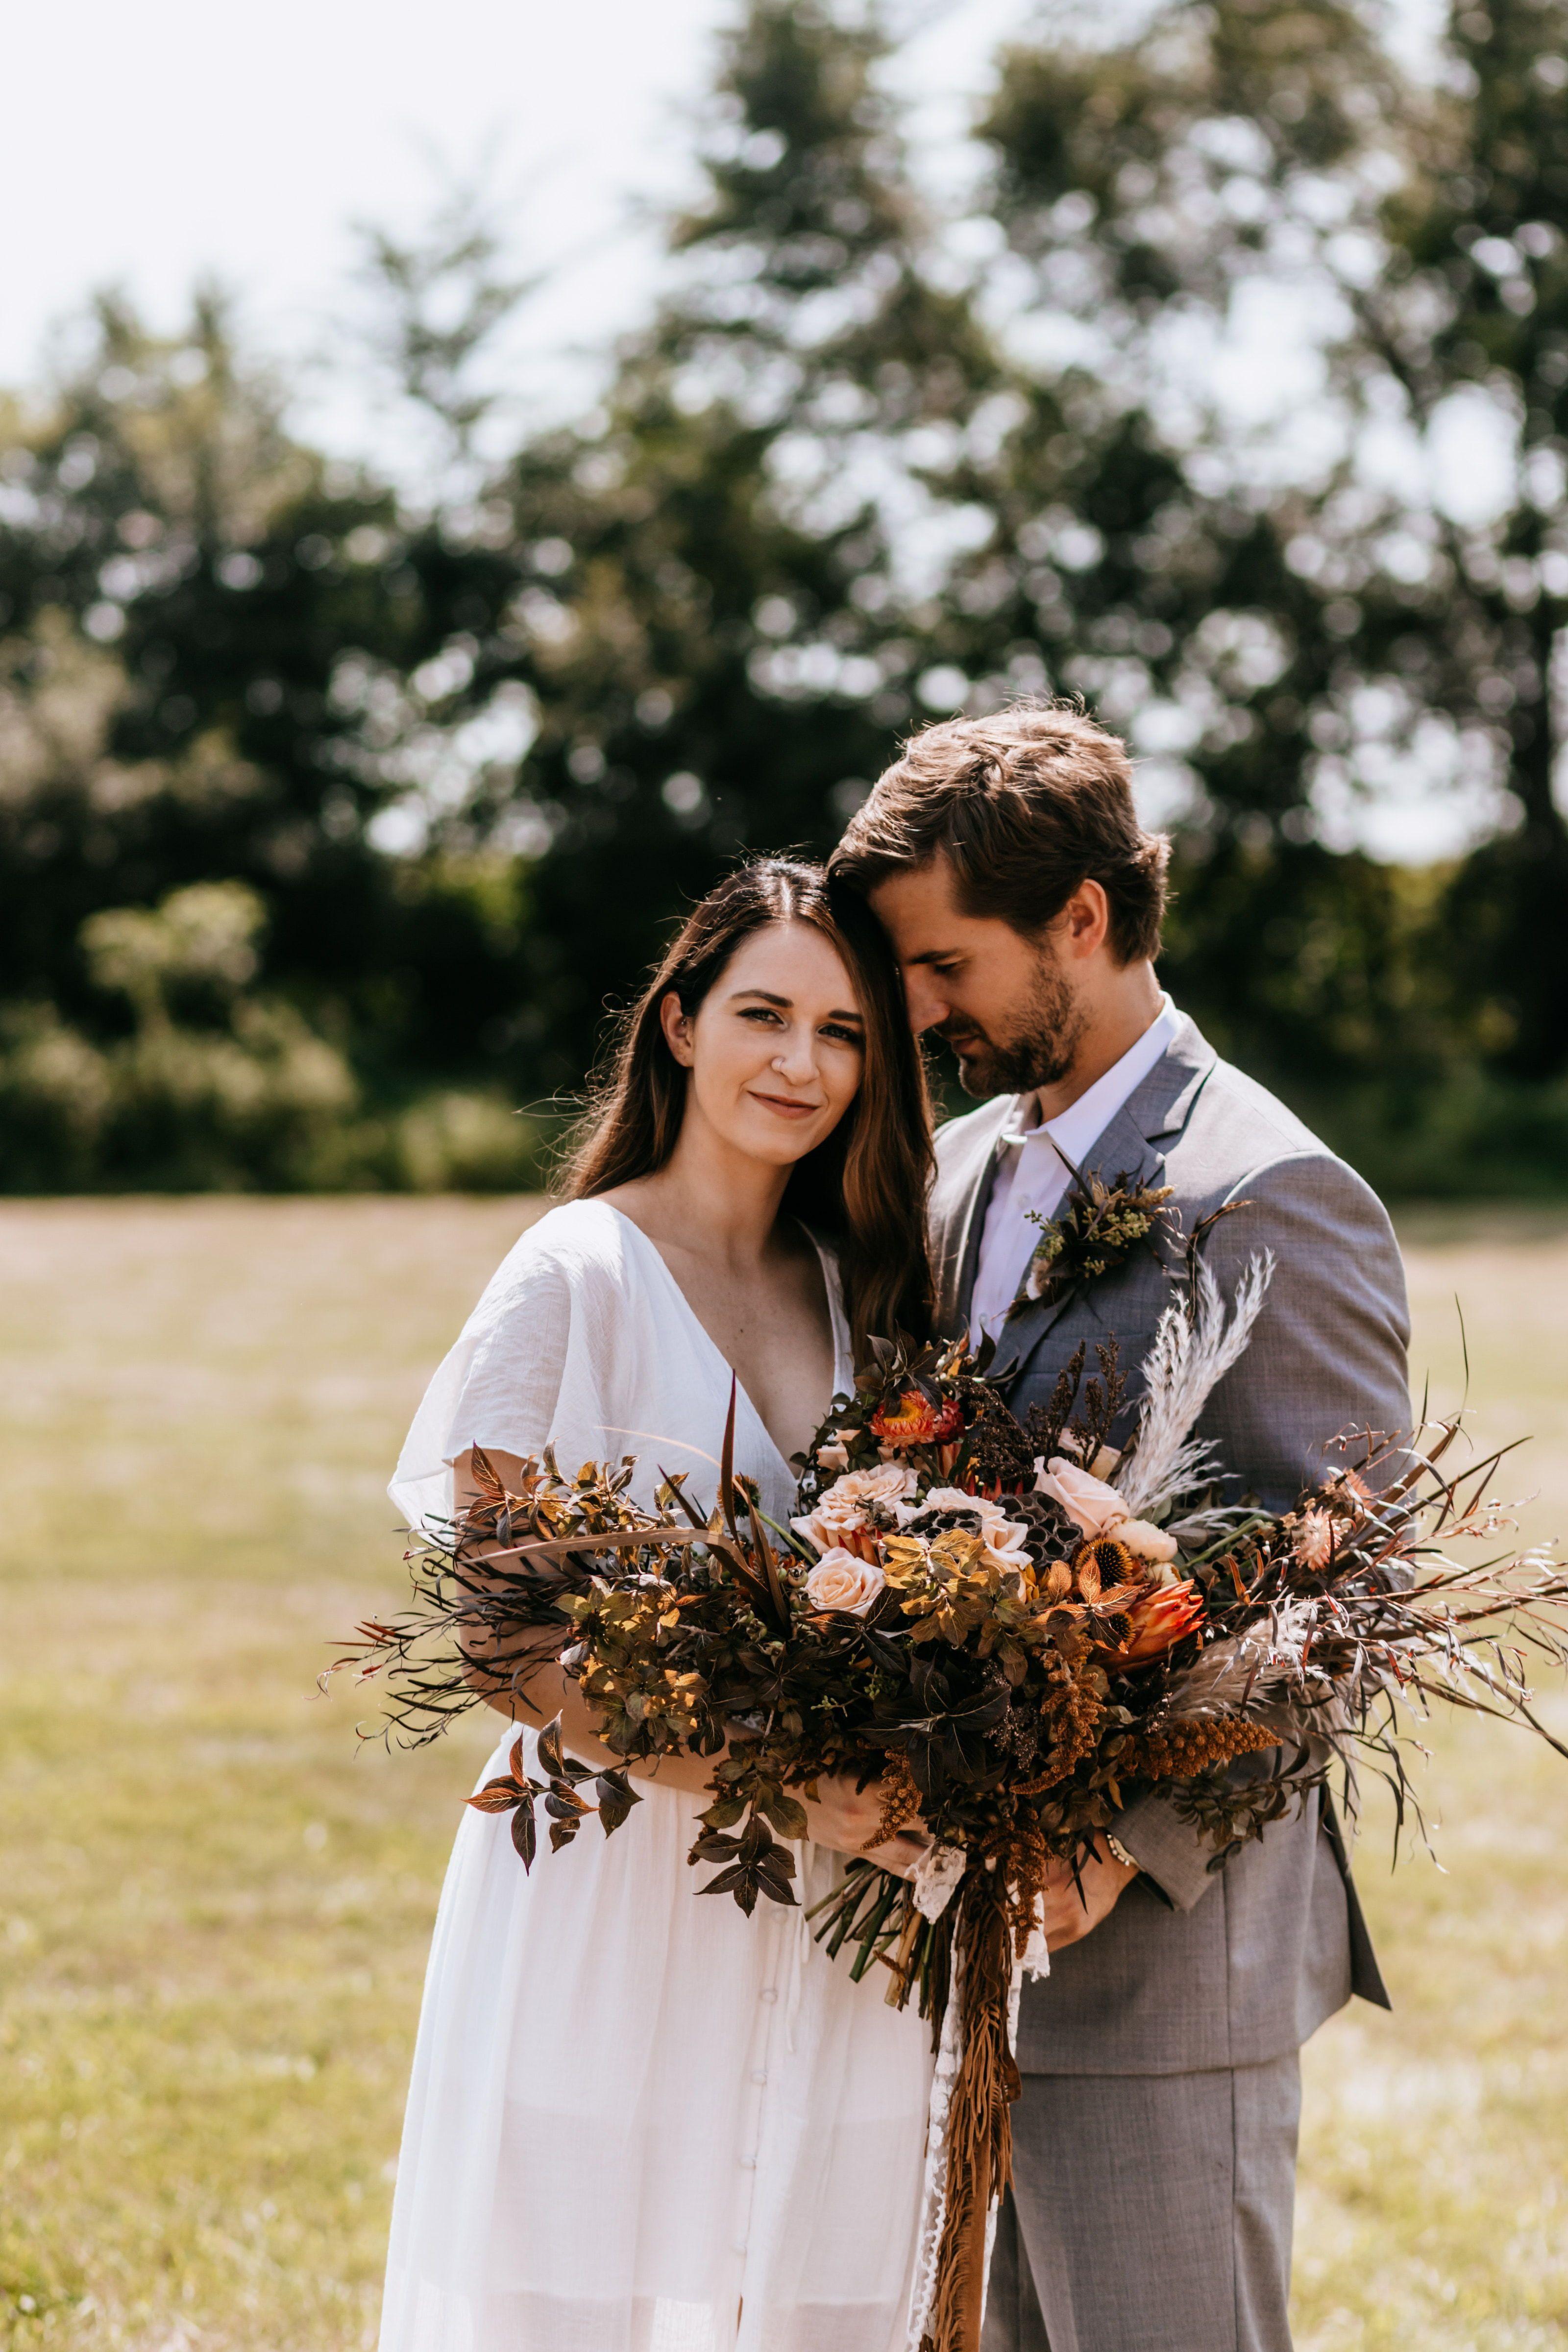 Boho Wedding Photo Inspiraion In 2020 Boho Wedding Photography Boho Wedding Decorations Vintage Wedding Photography